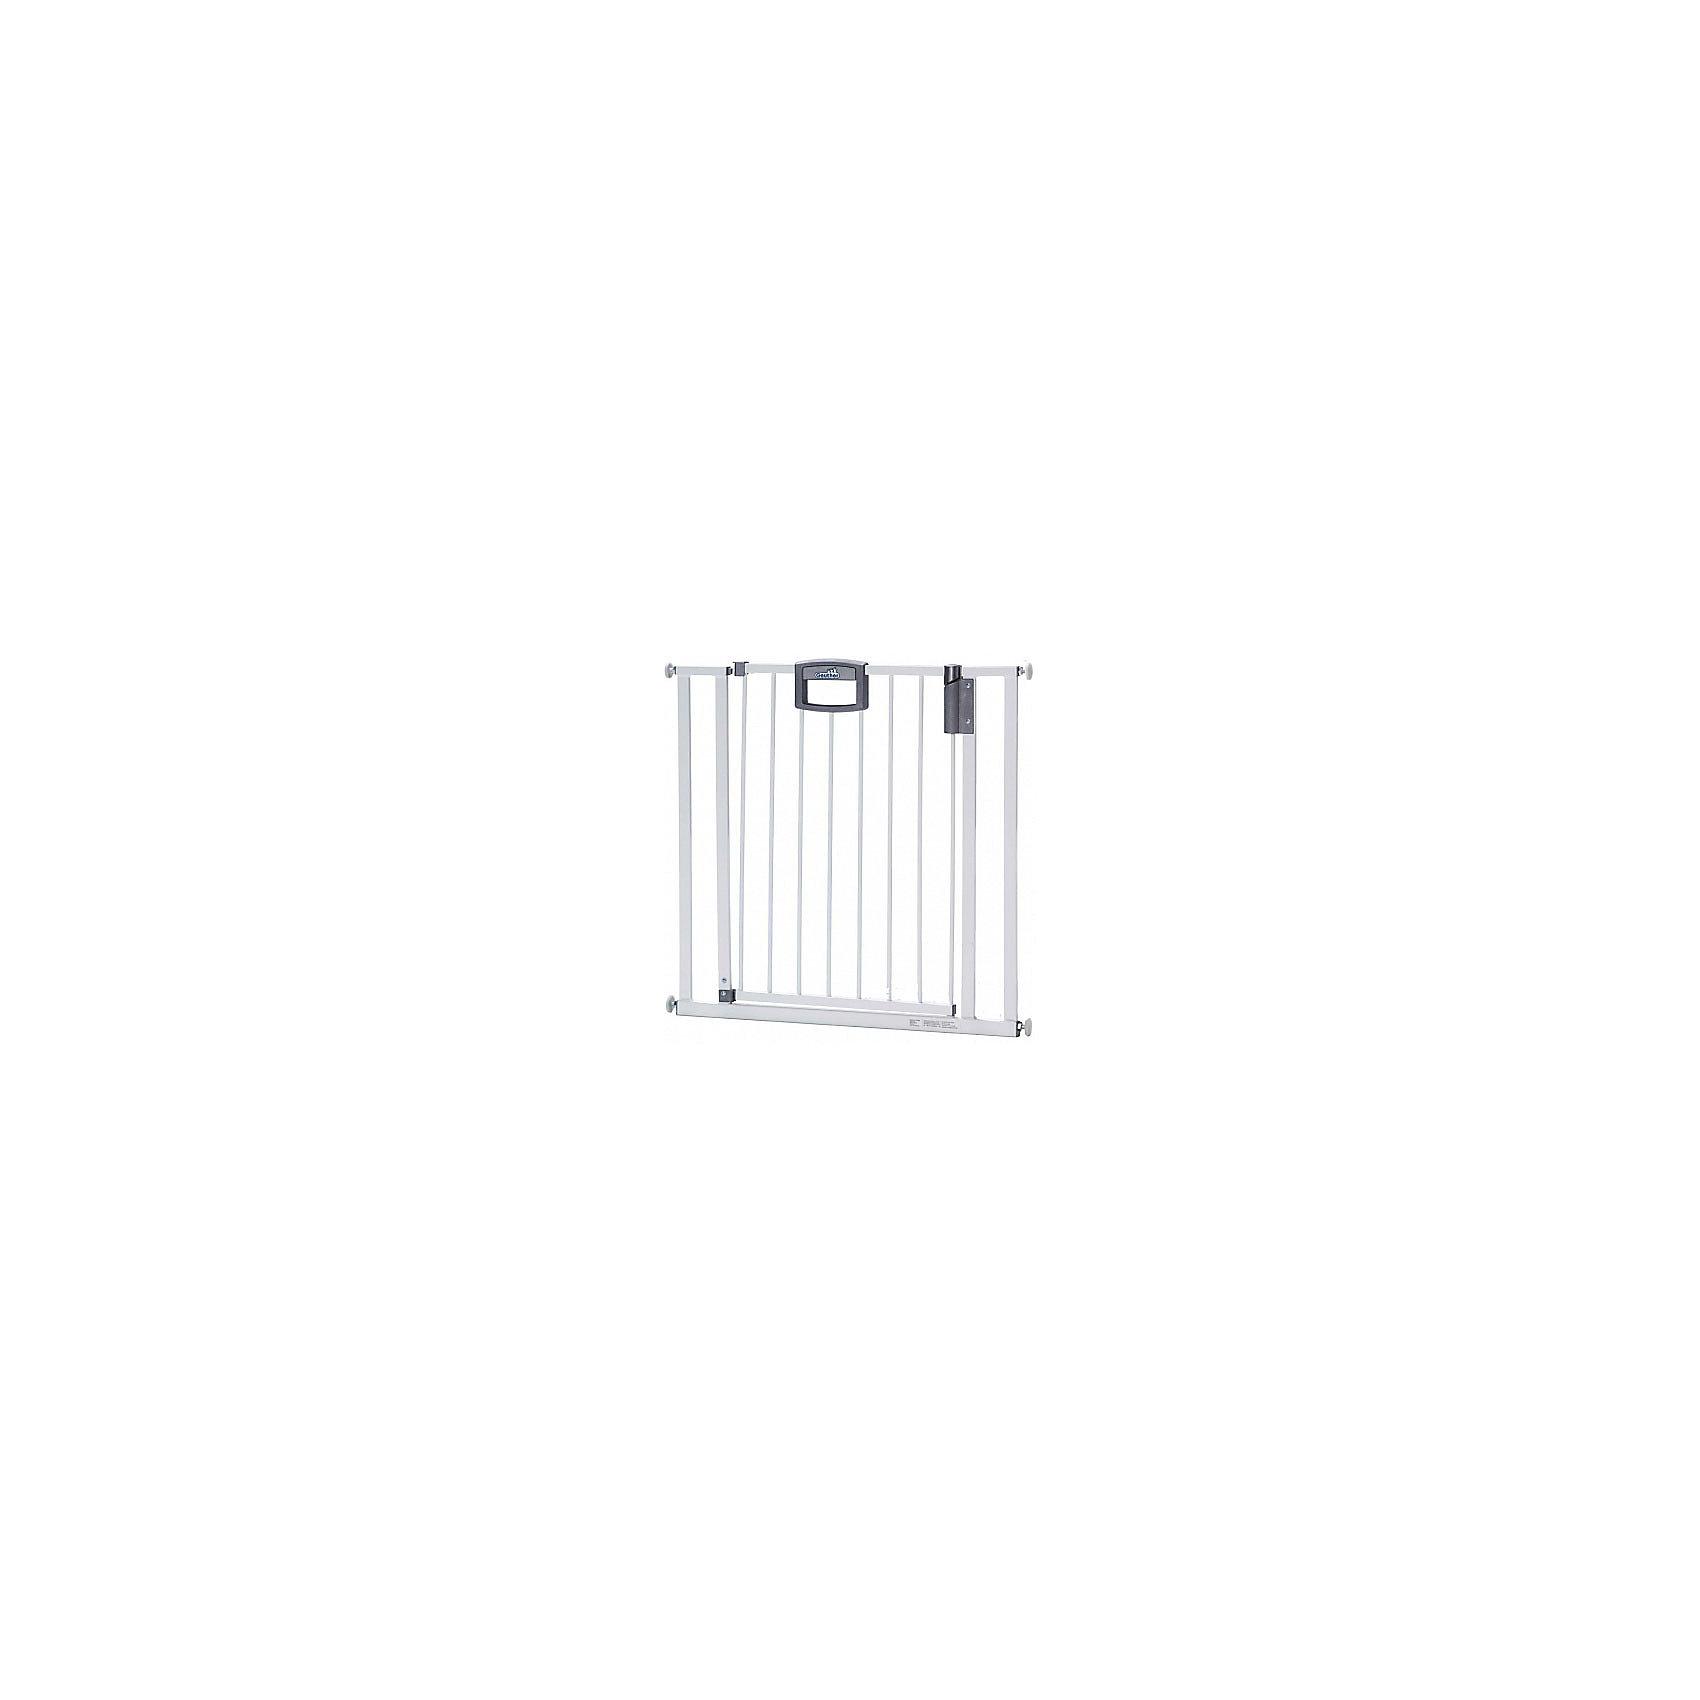 Барьеры-ворота Easy Lock 84,5*92,5*81,5см, GeutherБлокирующие и защитные устройства для дома<br>Барьер легко устанавливаются в дверные проемы шириной от 84,5 до 92,5 см без помощи дрели или каких-либо других инструментов, после демонтажа ворота не оставляют следов на стенах. Благодаря барьеру Вы спокойно сможете заниматься своими делами, а в это время Ваш малыш будет надёжно защищён. <br>Особенности:<br>- Удобный механизм защелкивания, легко устанавливаются без специального крепления.<br>- При установке не требуется дрель или инструменты, после демонтажа не оставляют следов на стенах.<br>- Защищает ребёнка от нежелательного прохода через дверной проём или падения с лестницы.<br>- Уникальный защитный механизм позволит взрослому легко пройти через ворота, создавая в то же время непреодолимое препятствие для малыша .<br>- Открывается в обоих направлениях.<br><br>Дополнительная информация:<br><br>- Ширина: 84.5-92.5 см.<br>- Высота: 81.5 см.<br>- Материал: металл, пластик.<br><br>Купить барьер-ворота Easy Lock 84,5*92,5*81,5см., от Geuther, можно в нашем магазине.<br><br>Ширина мм: 950<br>Глубина мм: 860<br>Высота мм: 810<br>Вес г: 9000<br>Возраст от месяцев: 0<br>Возраст до месяцев: 24<br>Пол: Унисекс<br>Возраст: Детский<br>SKU: 5093564